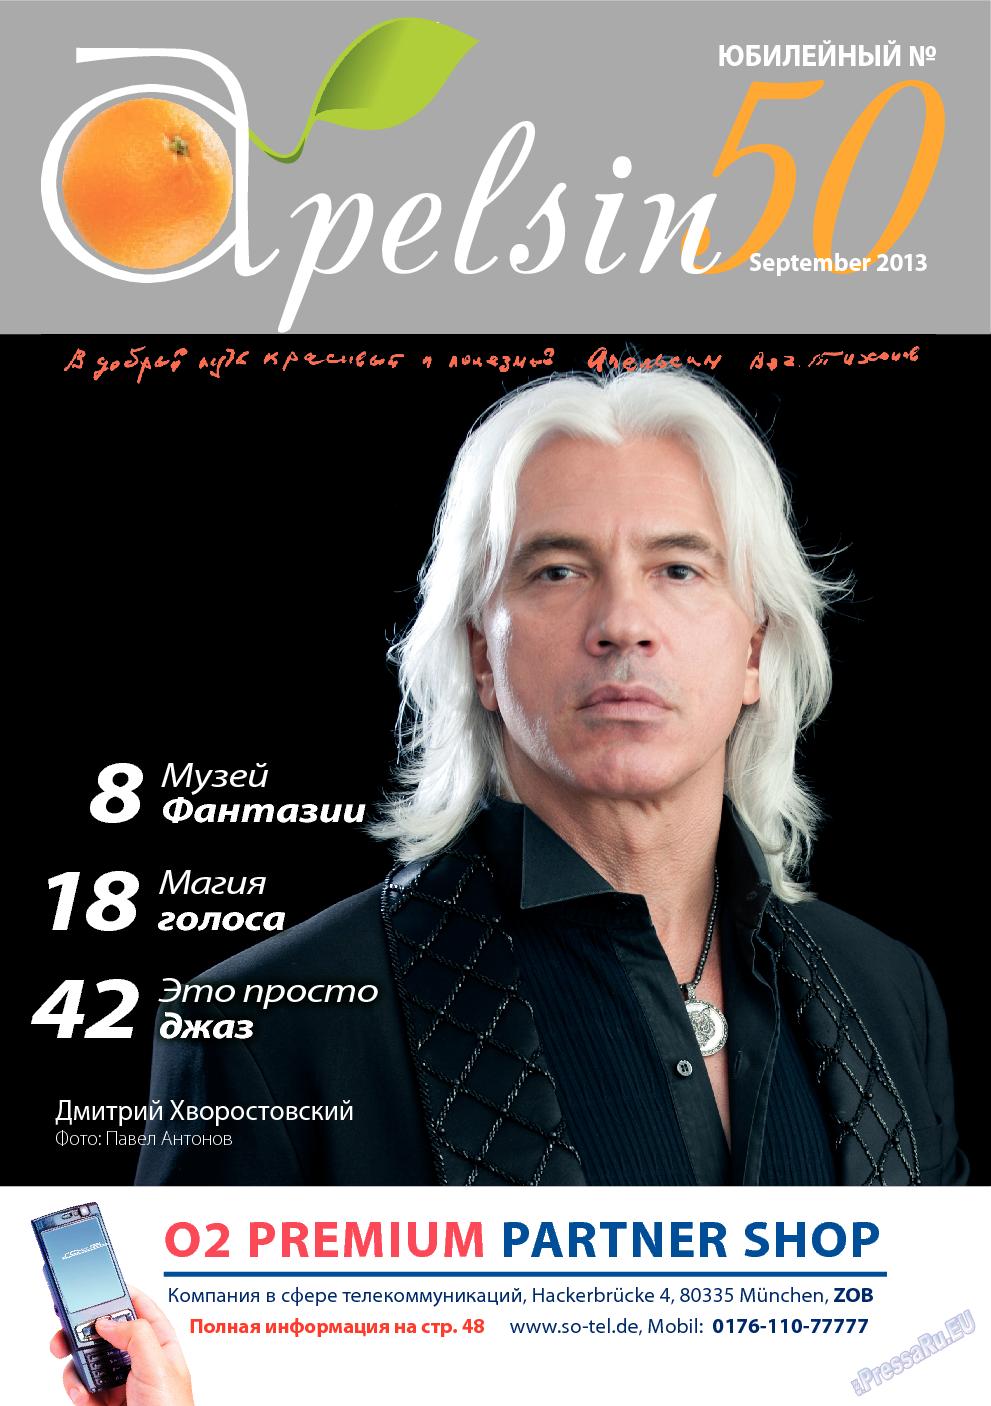 Апельсин (журнал). 2013 год, номер 50, стр. 1